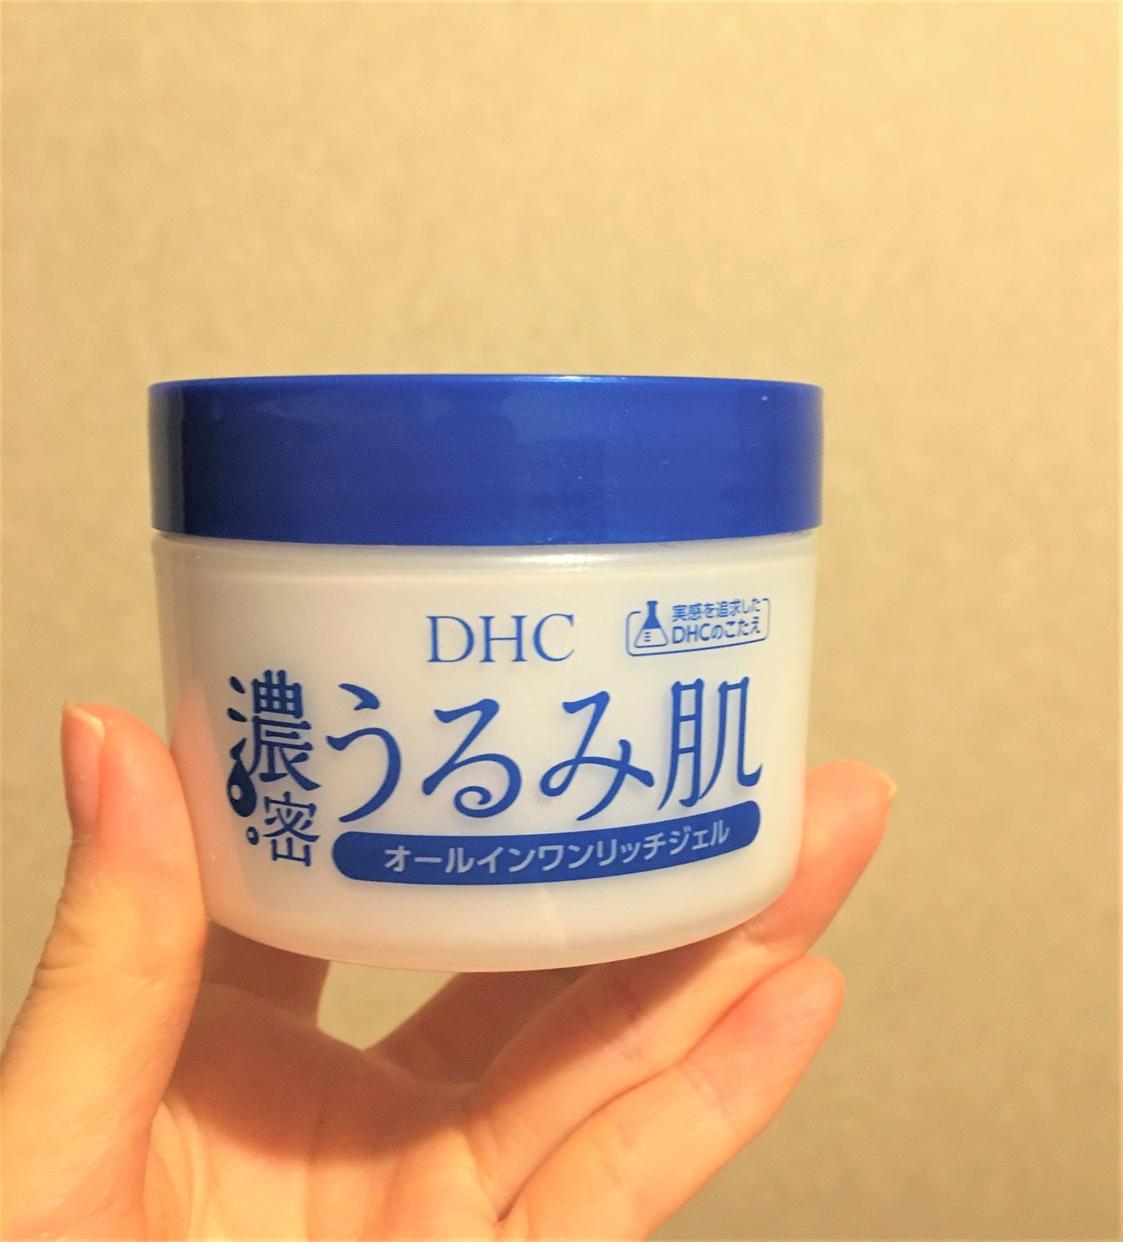 DHC(ディーエイチシー)濃密うるみ肌 オールインワンリッチジェルを使ったなる子さんのクチコミ画像